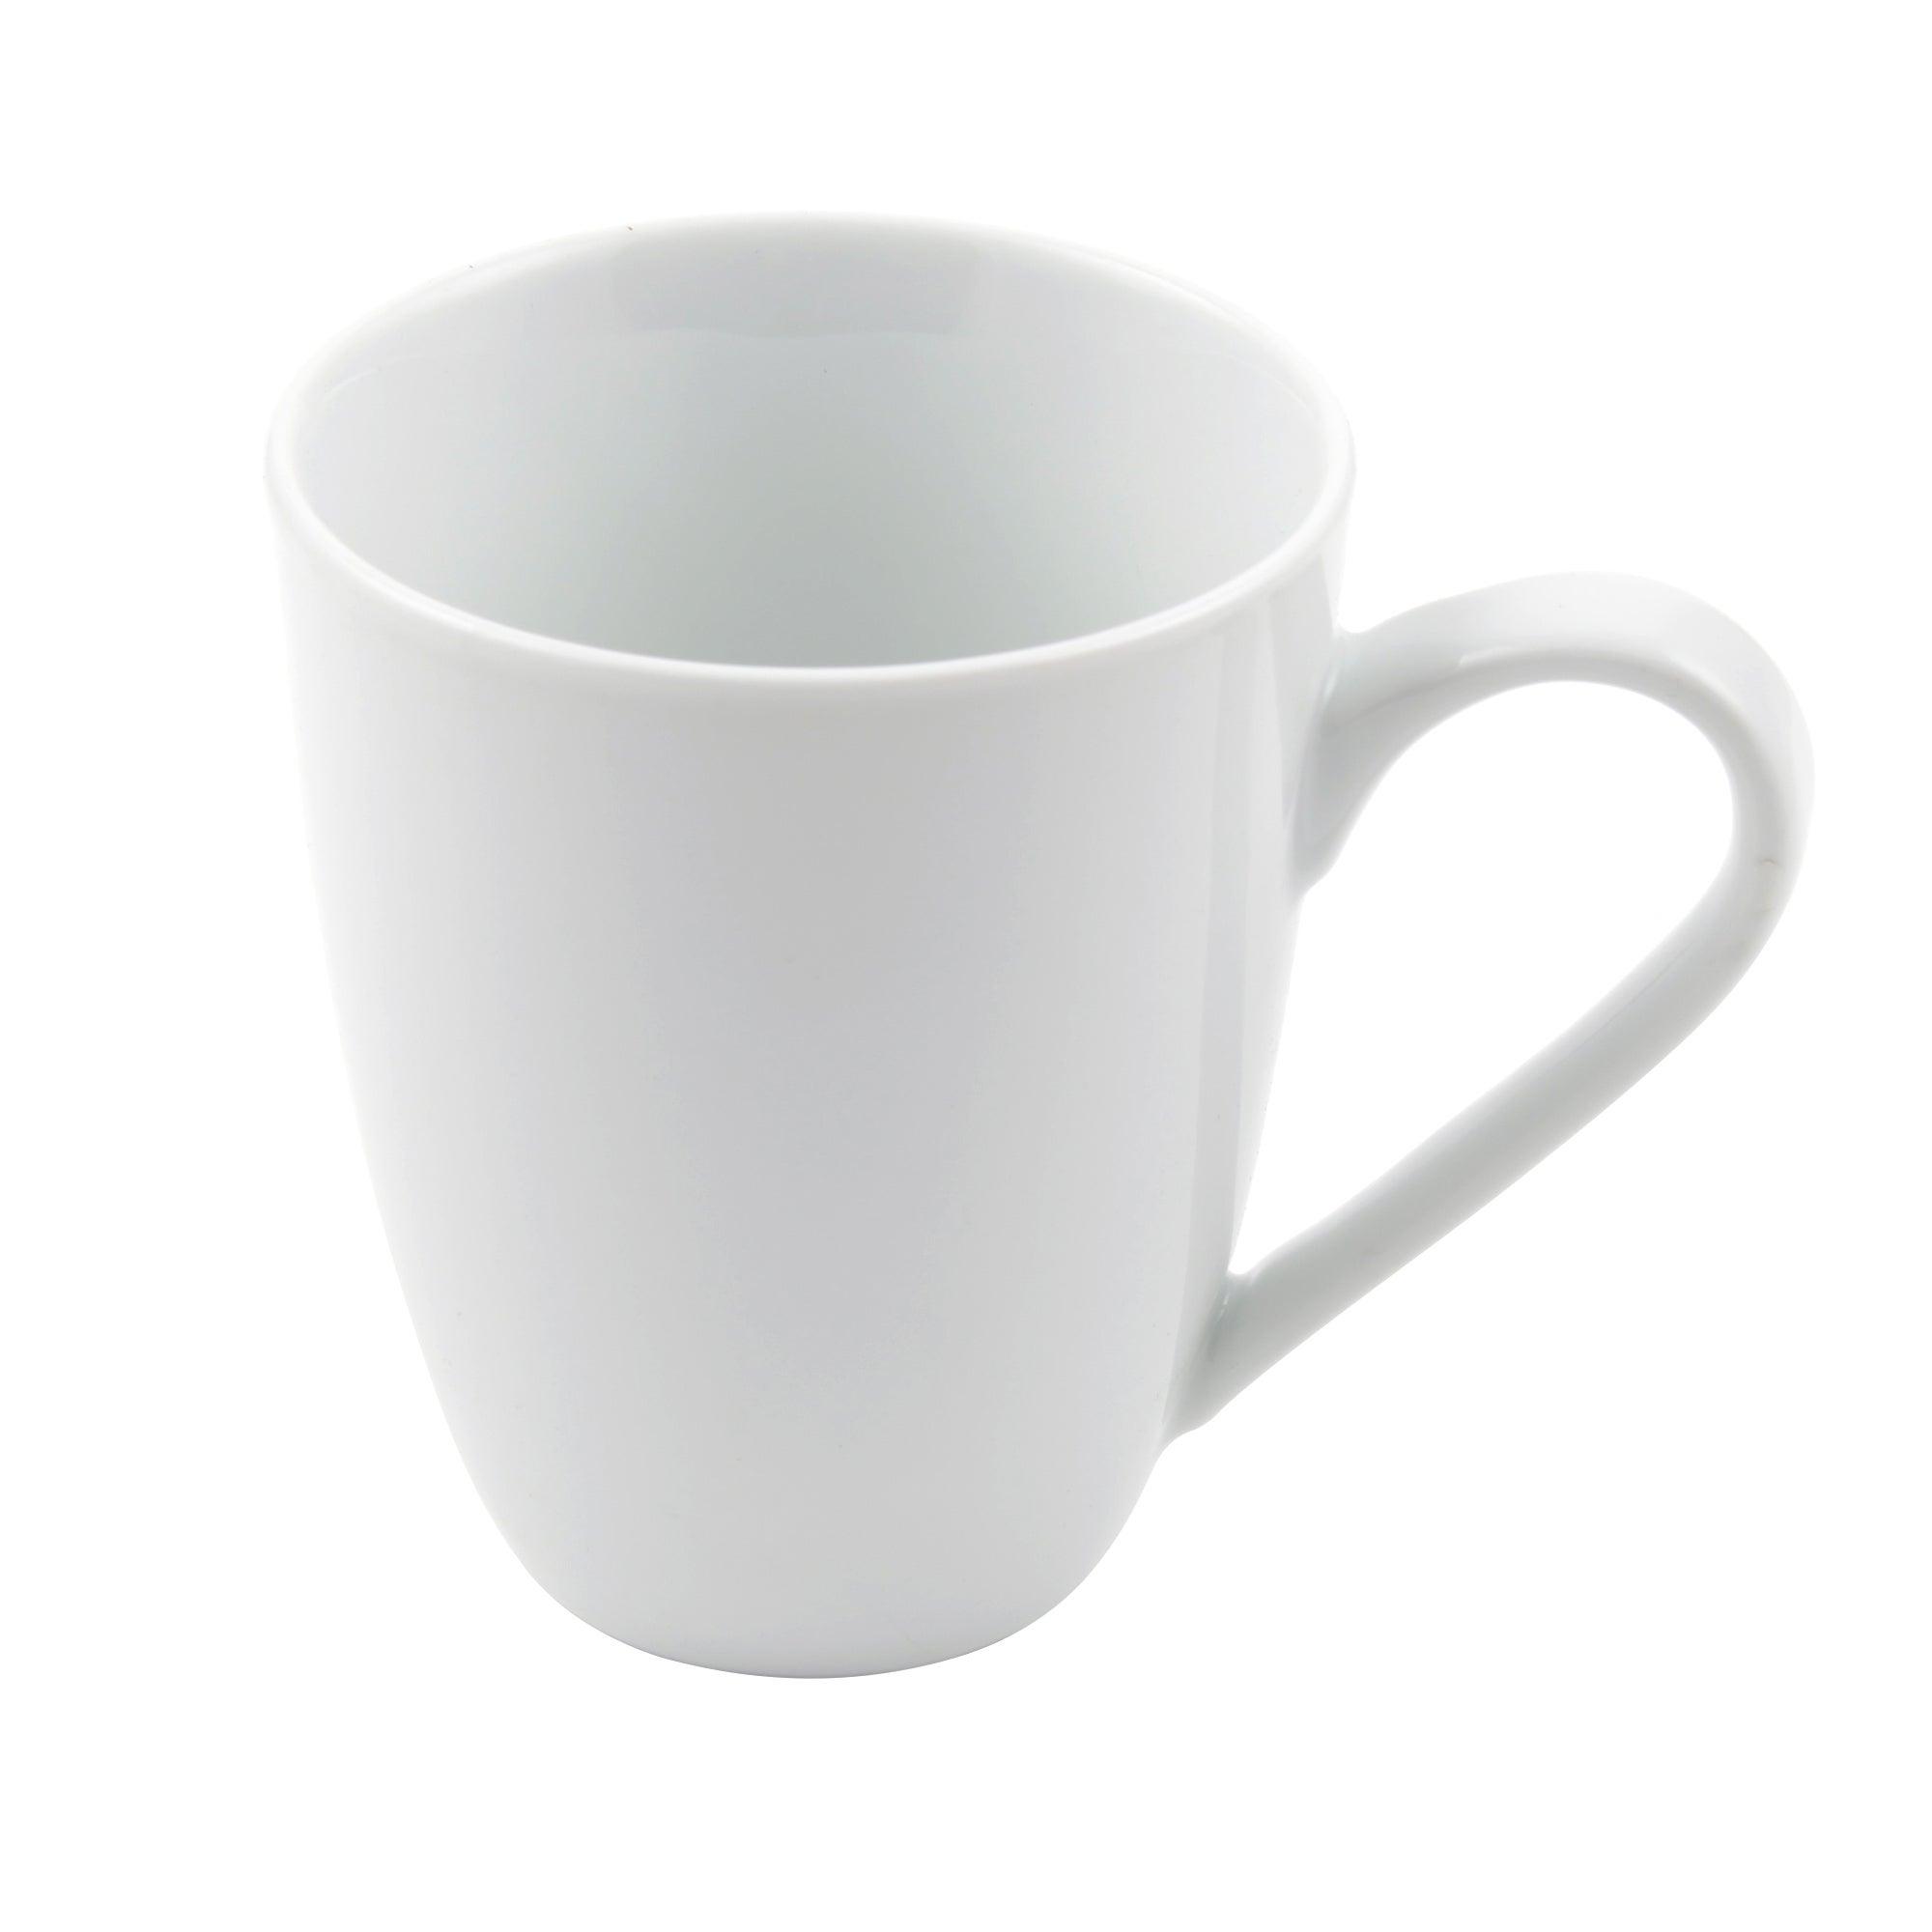 Purity Collection Mug